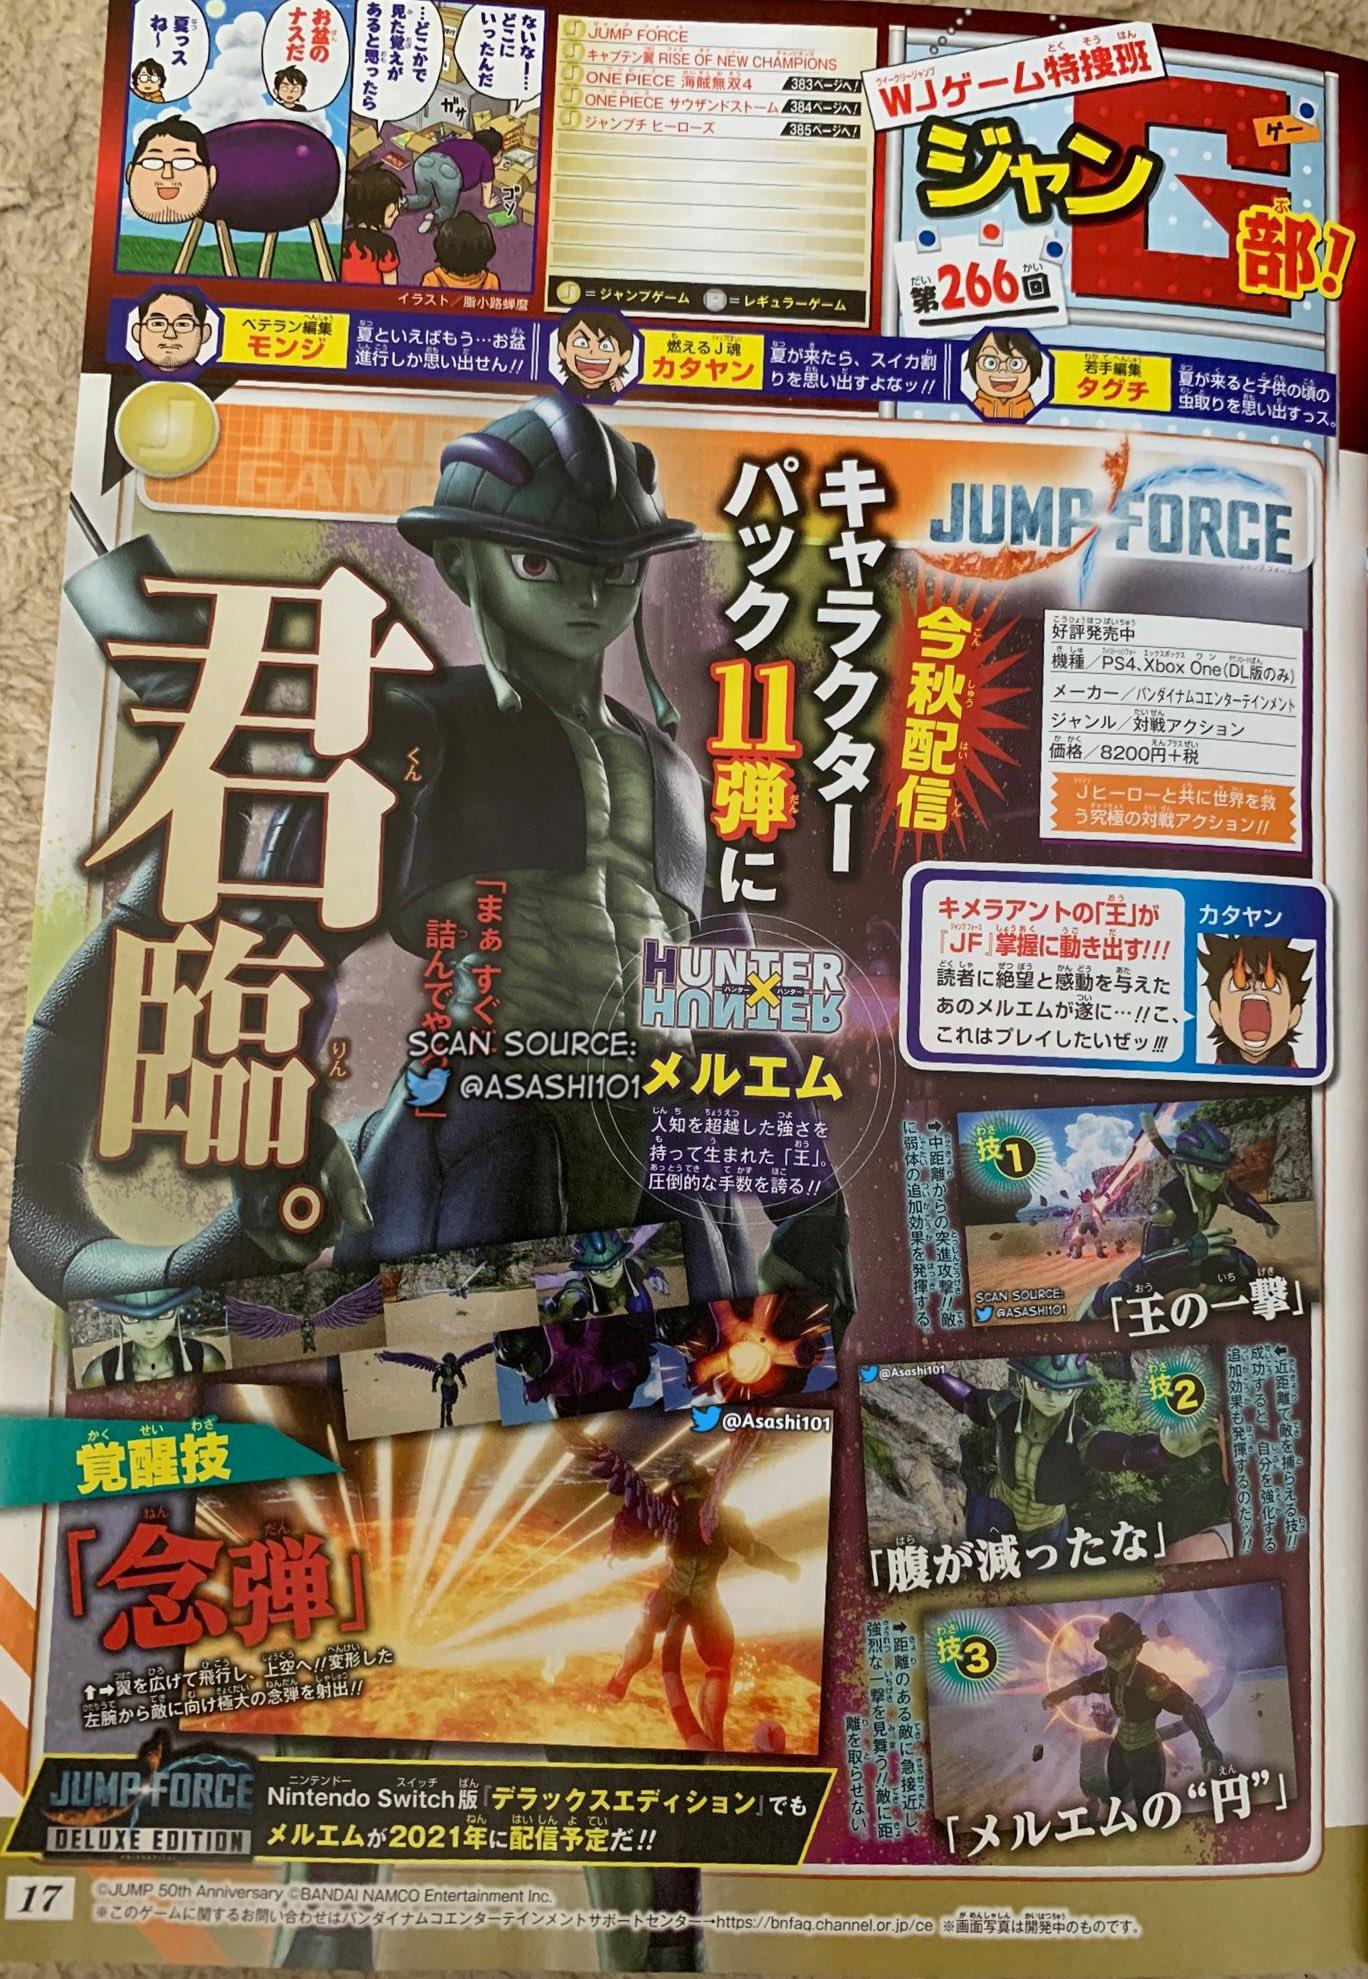 Jump Force Dlc Character Meruem From Hunter X Hunter Announced Gematsu